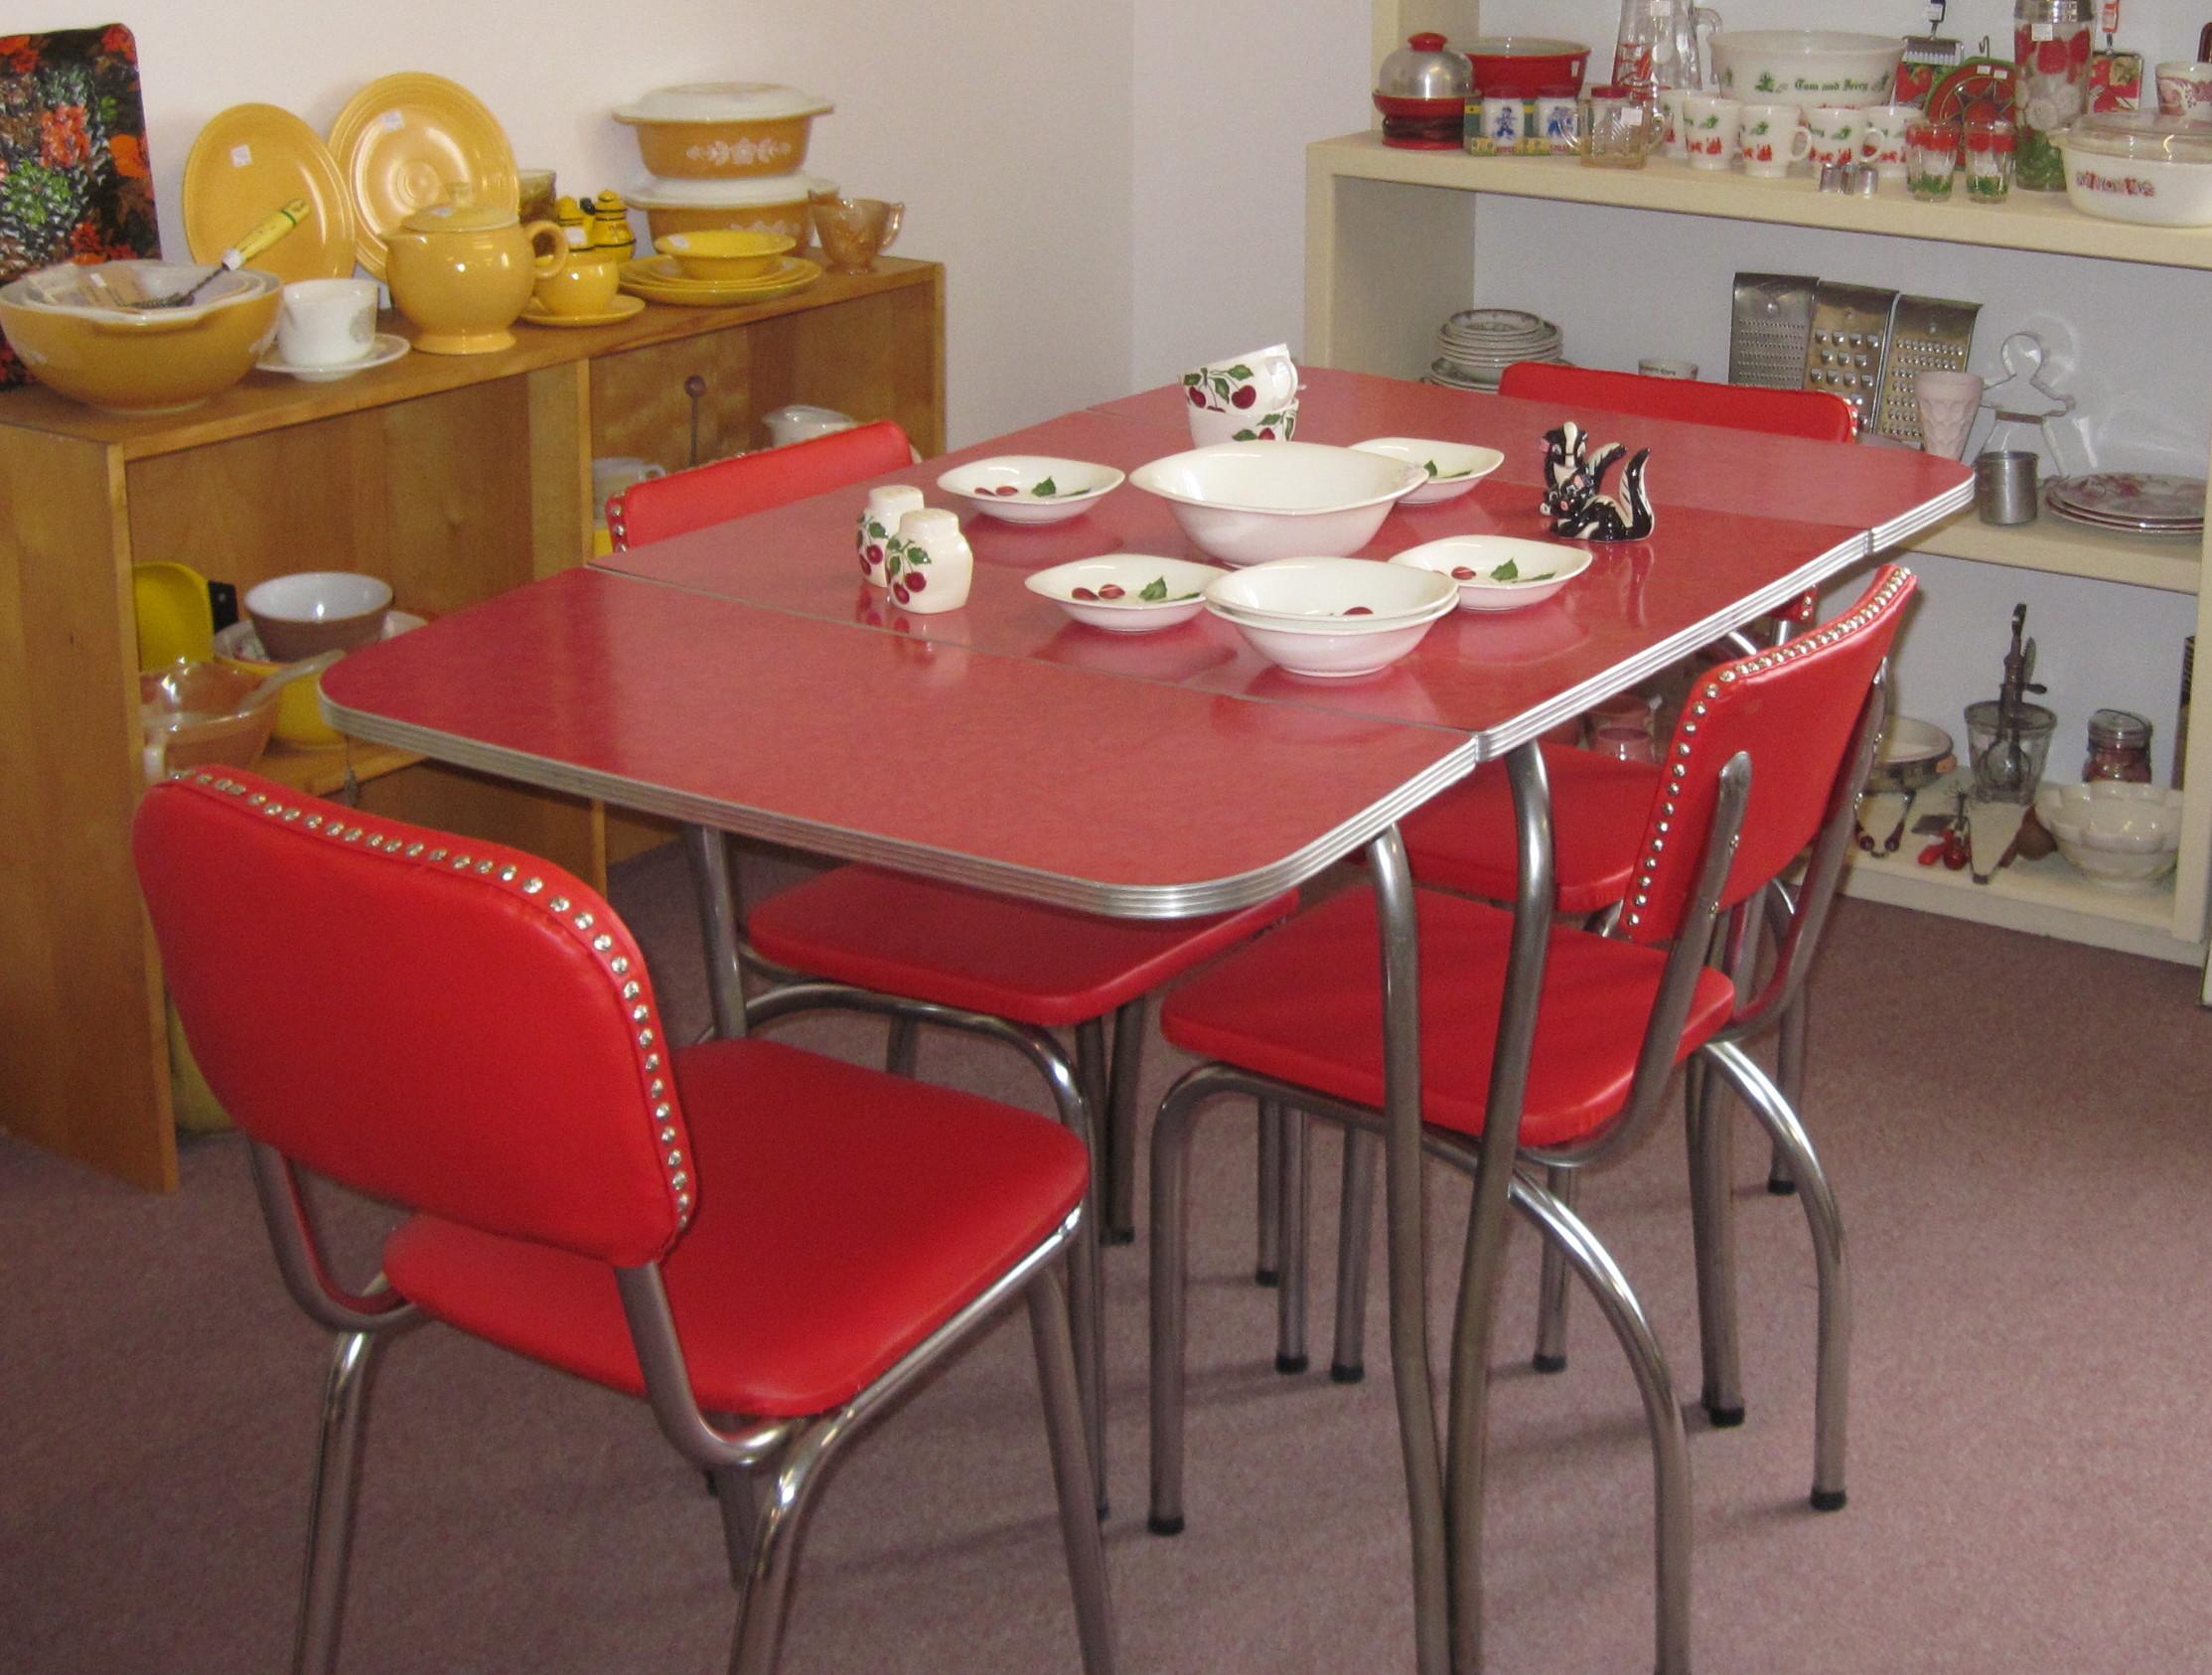 1950メs retro kitchen table chairs photo - 8